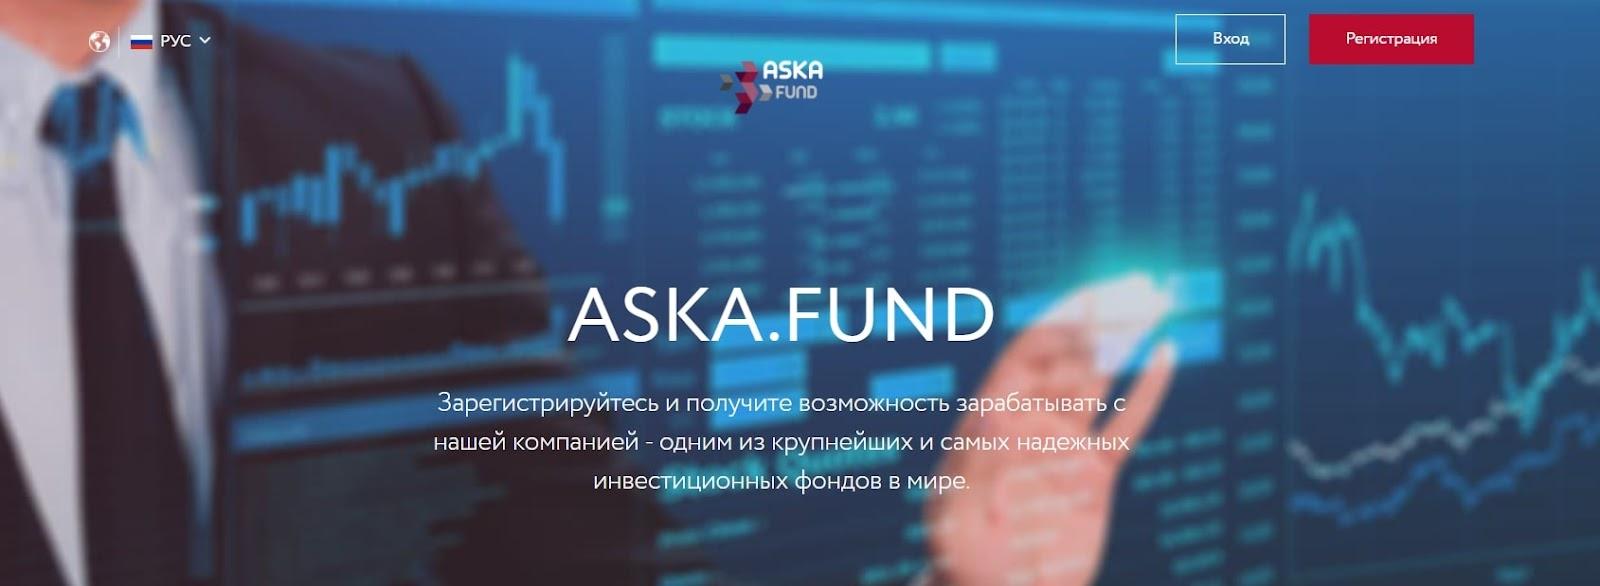 Отзывы об Aska.Fund, анализ трейдинговых предложений и условий реальные отзывы